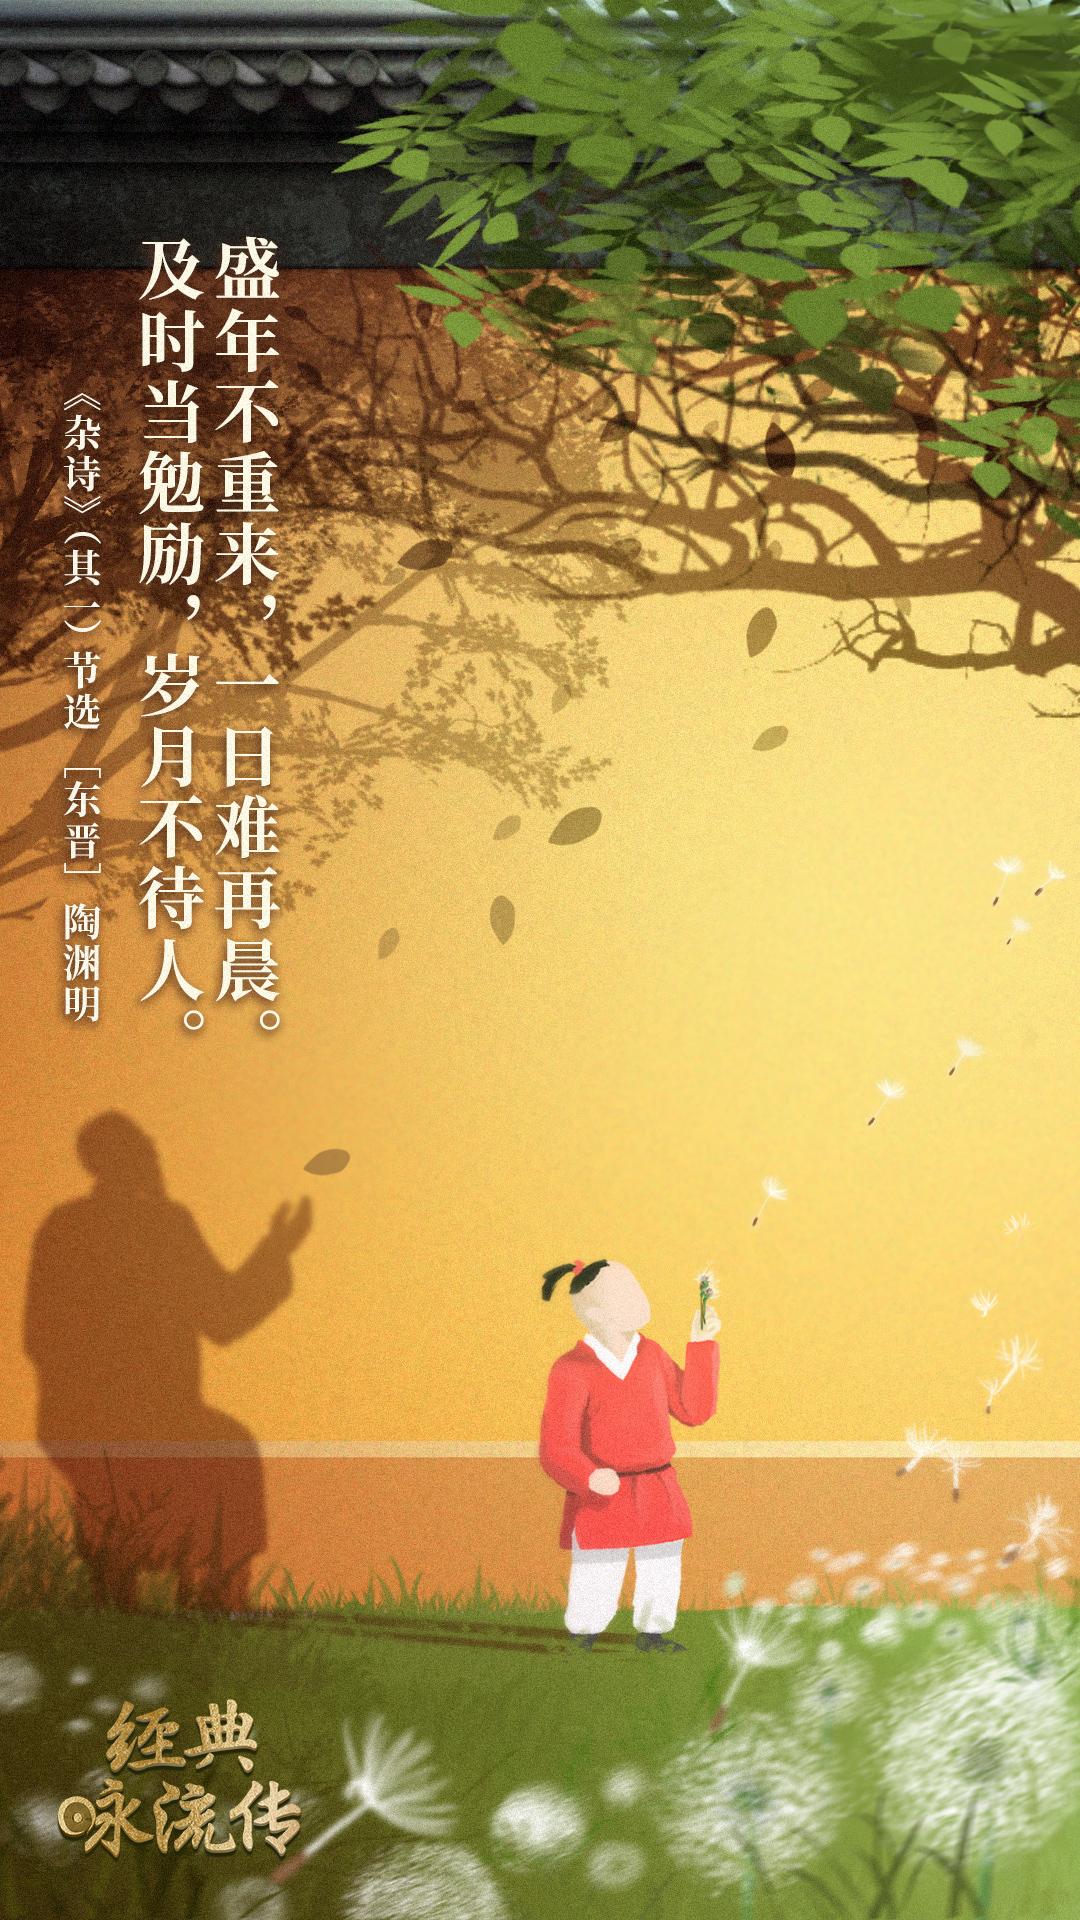 《经典咏流传》诗词意境海报合集 欣赏-第55张